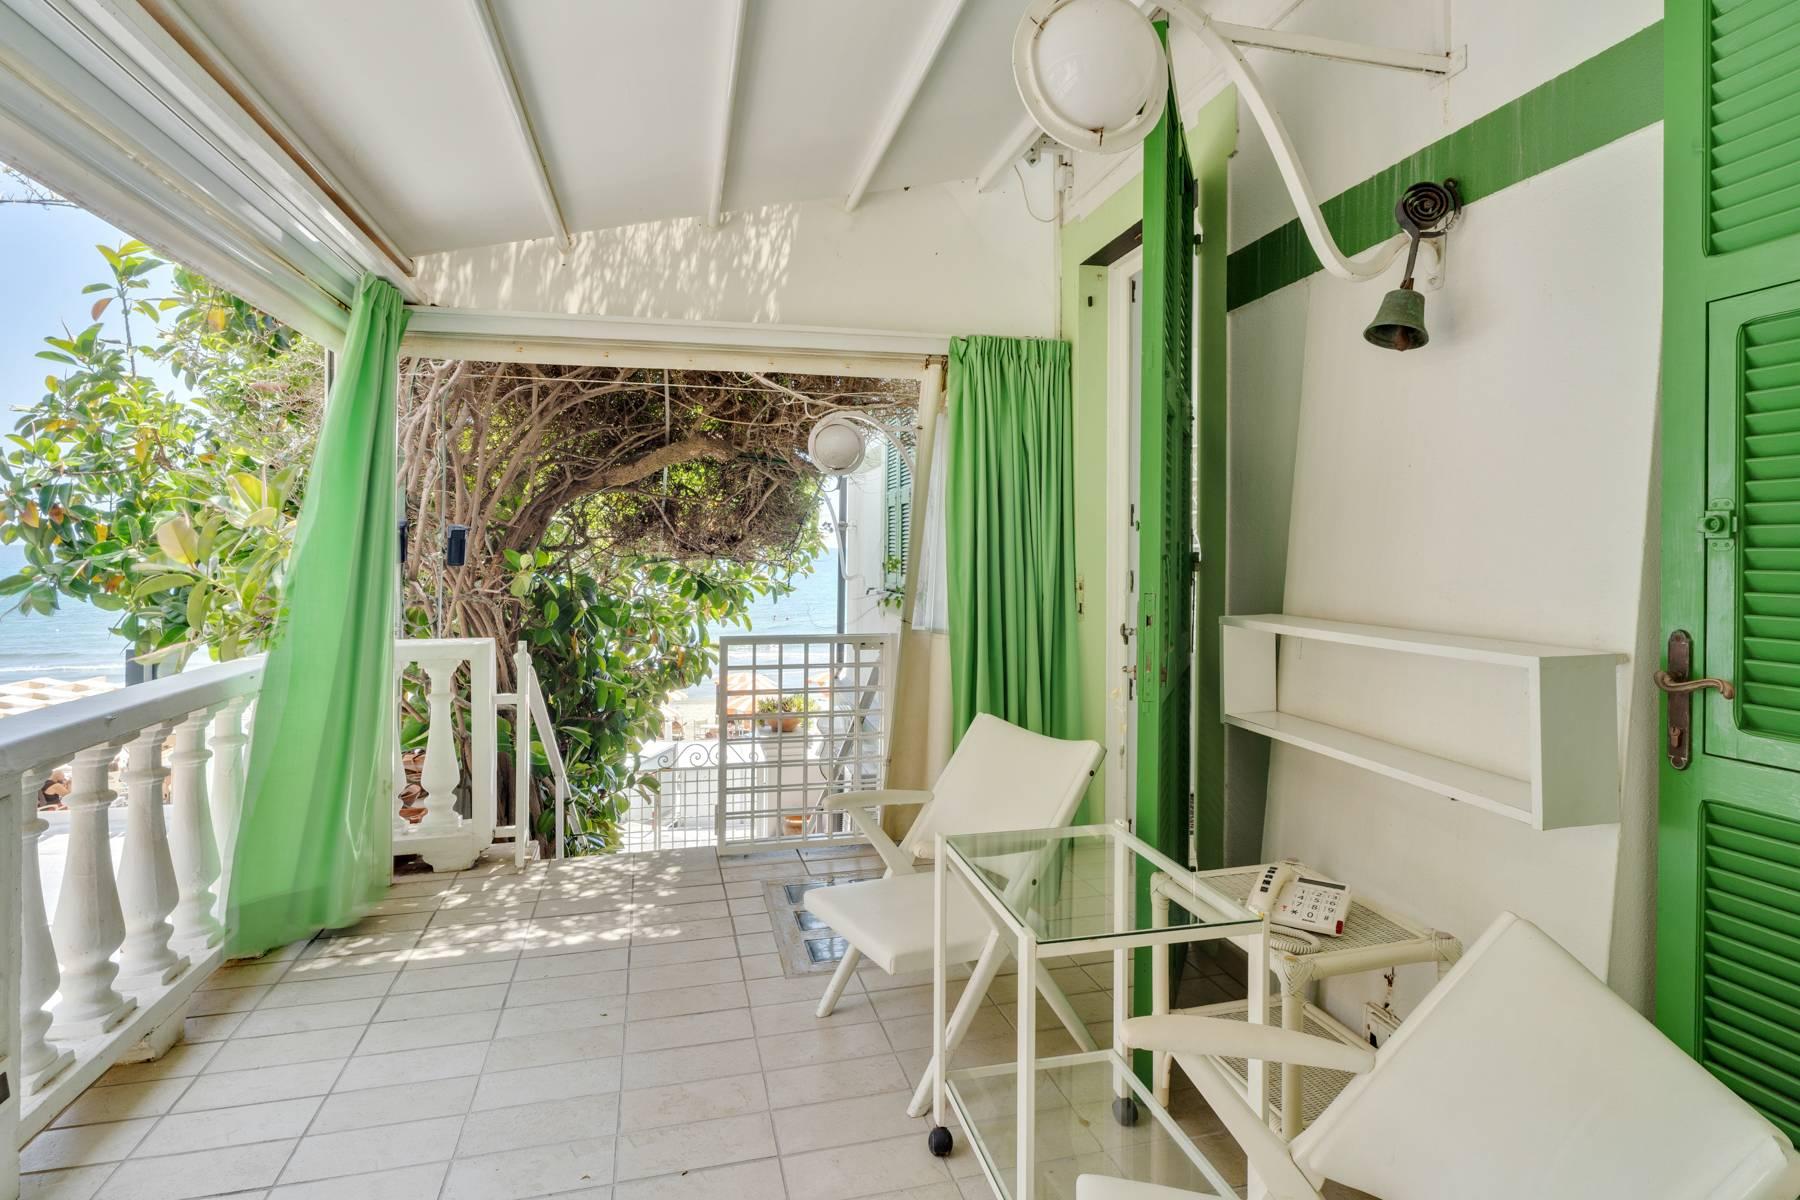 Casa indipendente in Vendita a Alassio: 5 locali, 230 mq - Foto 7